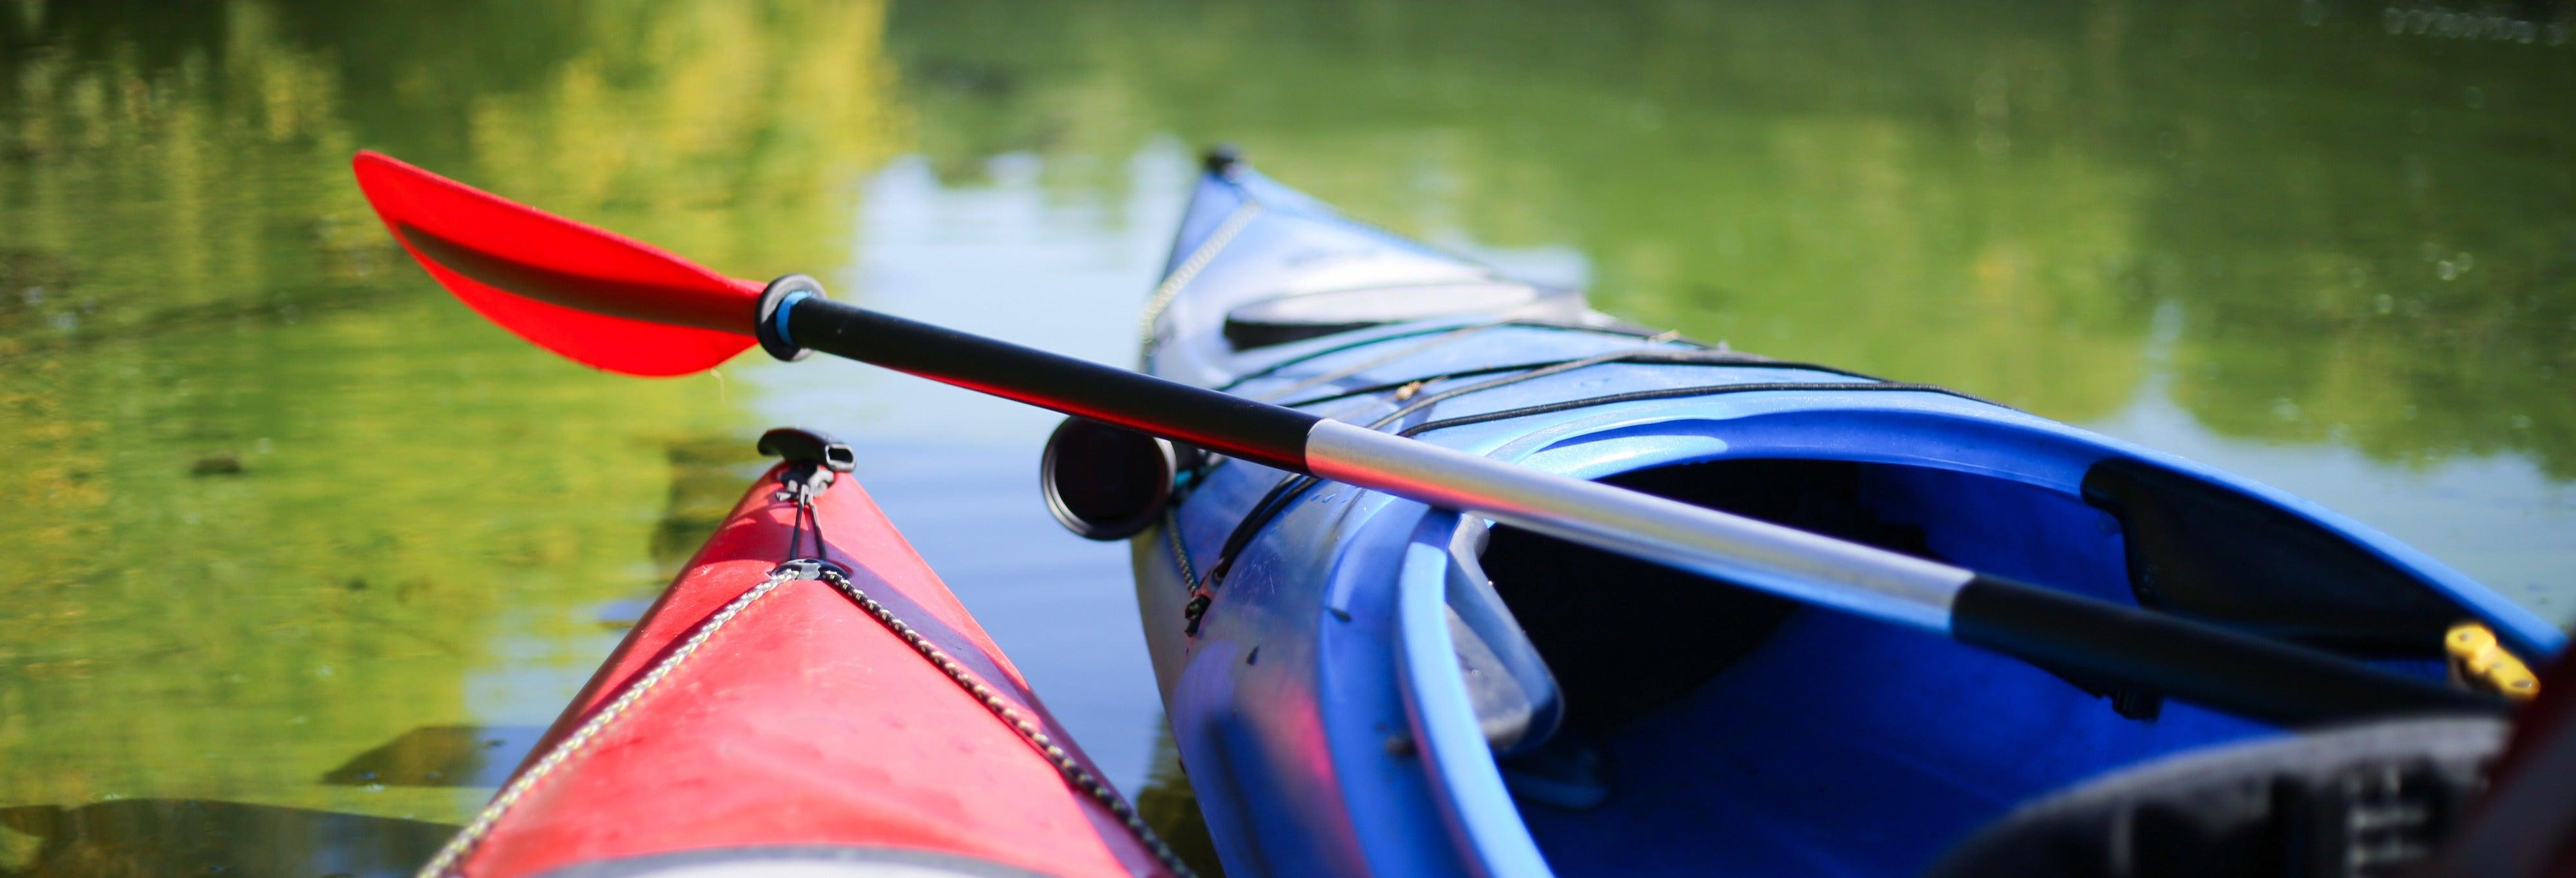 Tour privado en kayak por la laguna de Río Cuarto